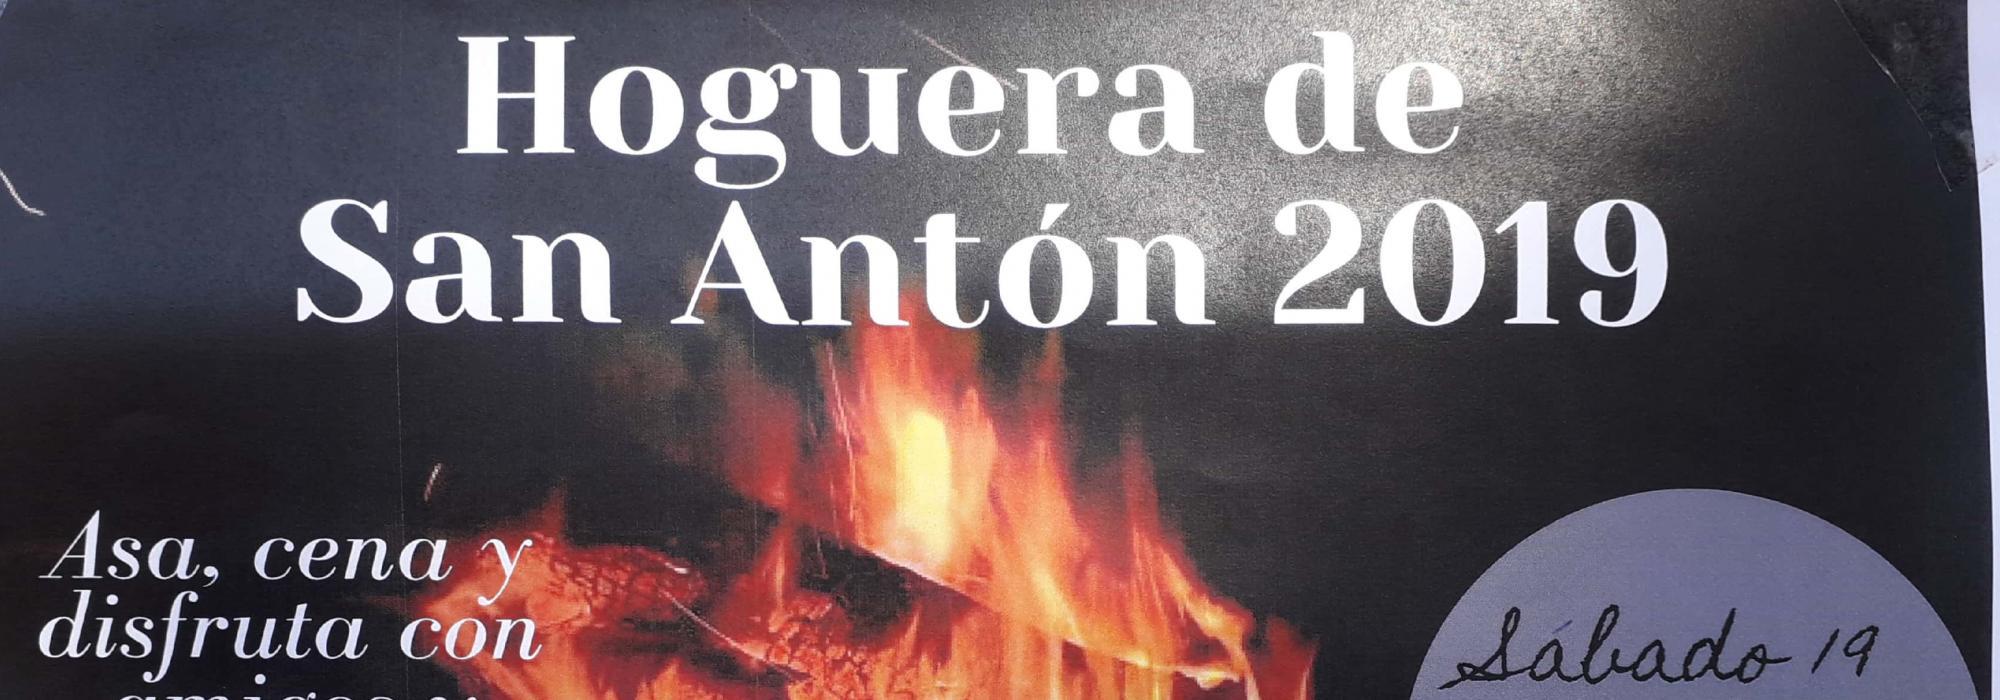 Gran Hoguera de San Antón - Santa María de Huerta 19 de Enero de 2019